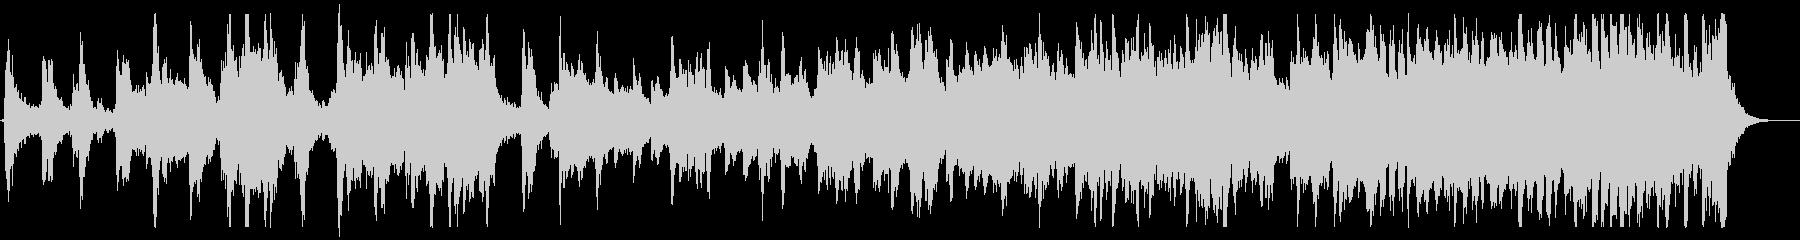 躍動感あるアドベンチャー音楽の未再生の波形